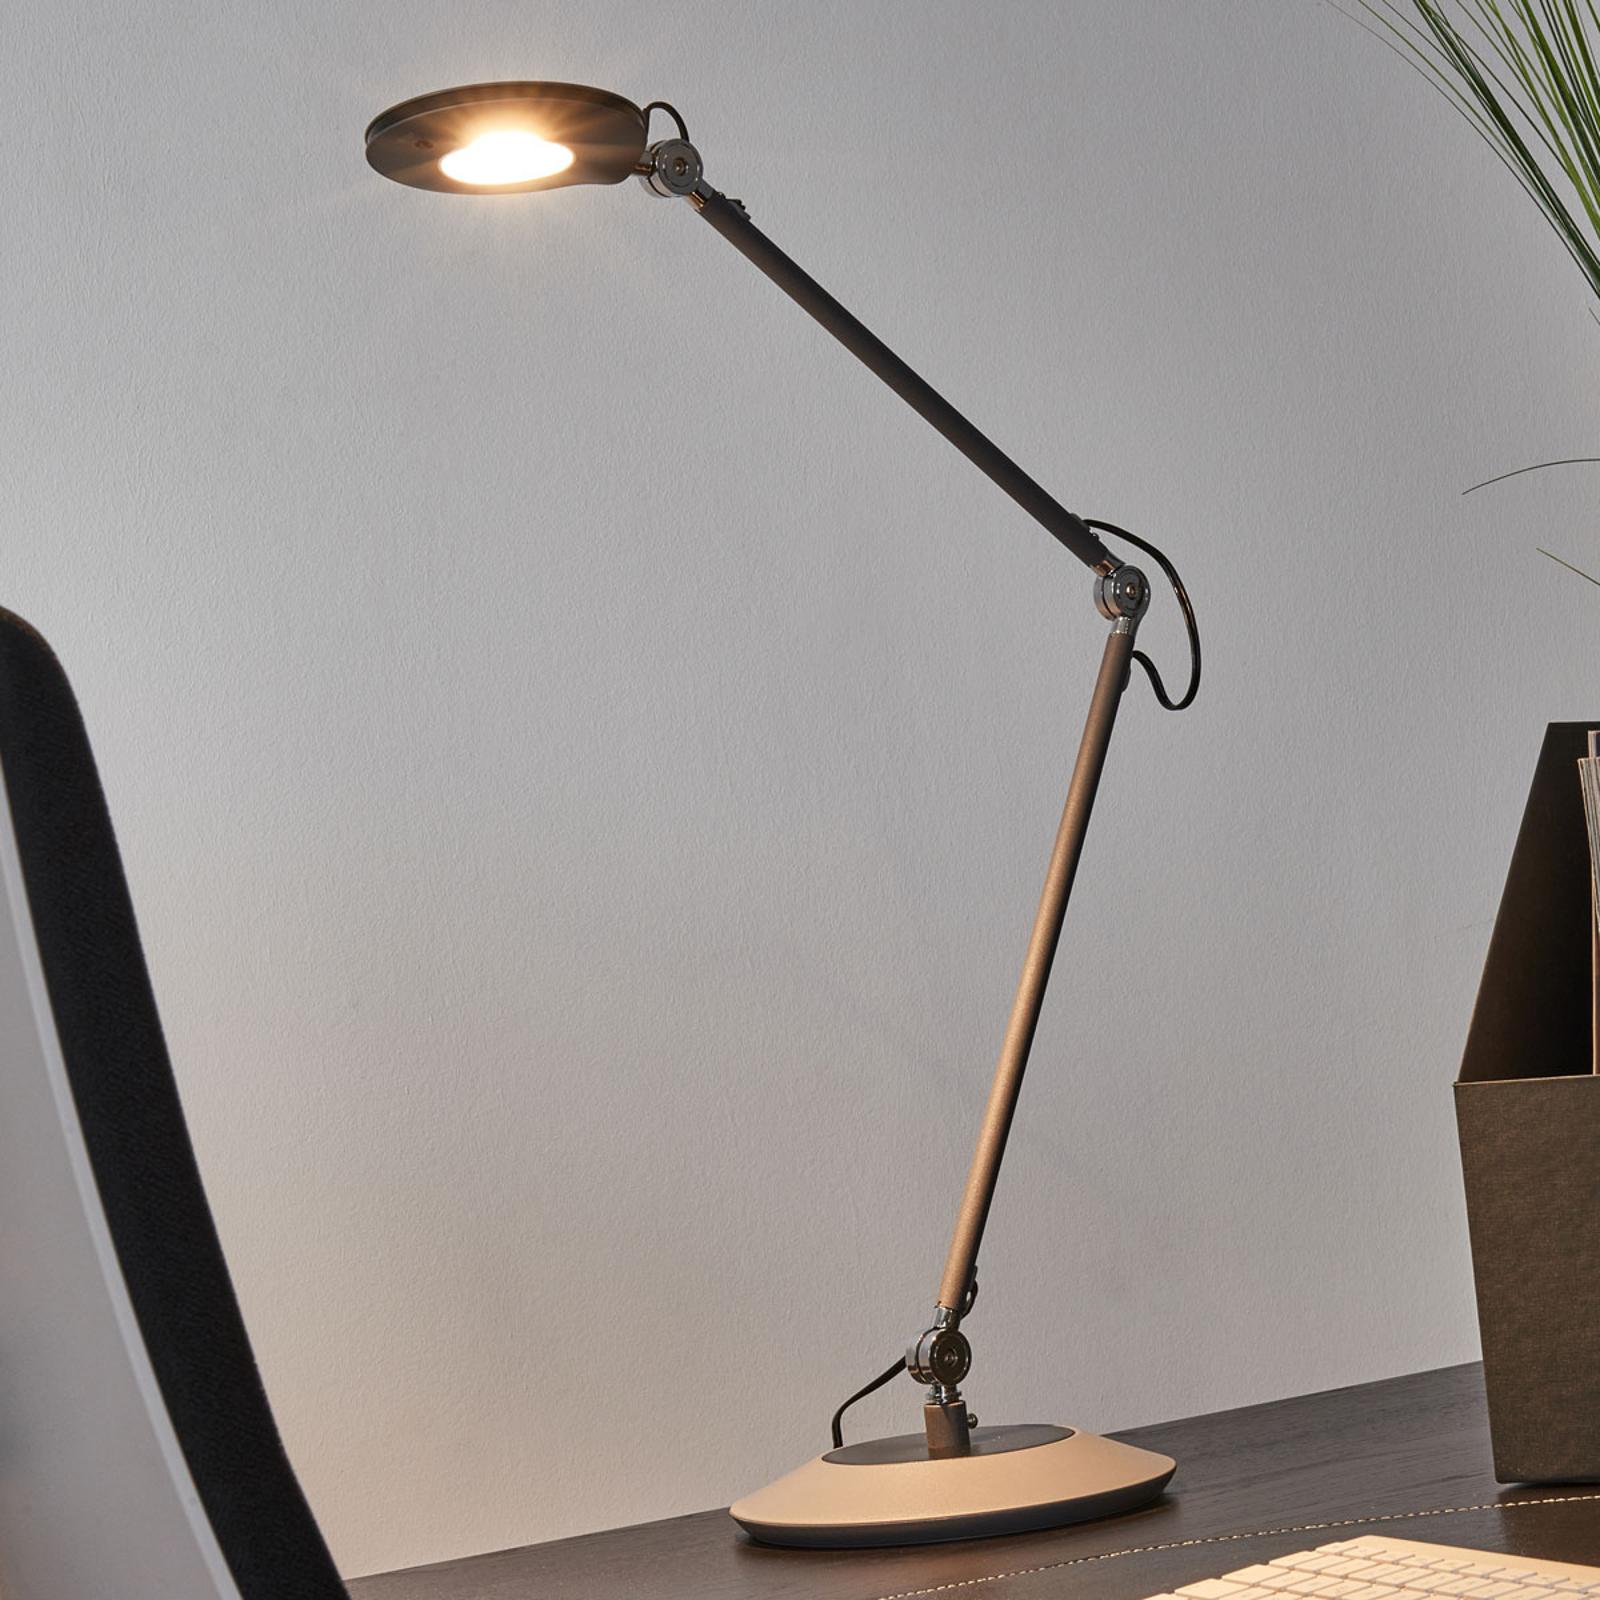 Acquista Lampada Da Tavolo Led Roderic Color Antracite Lampade It